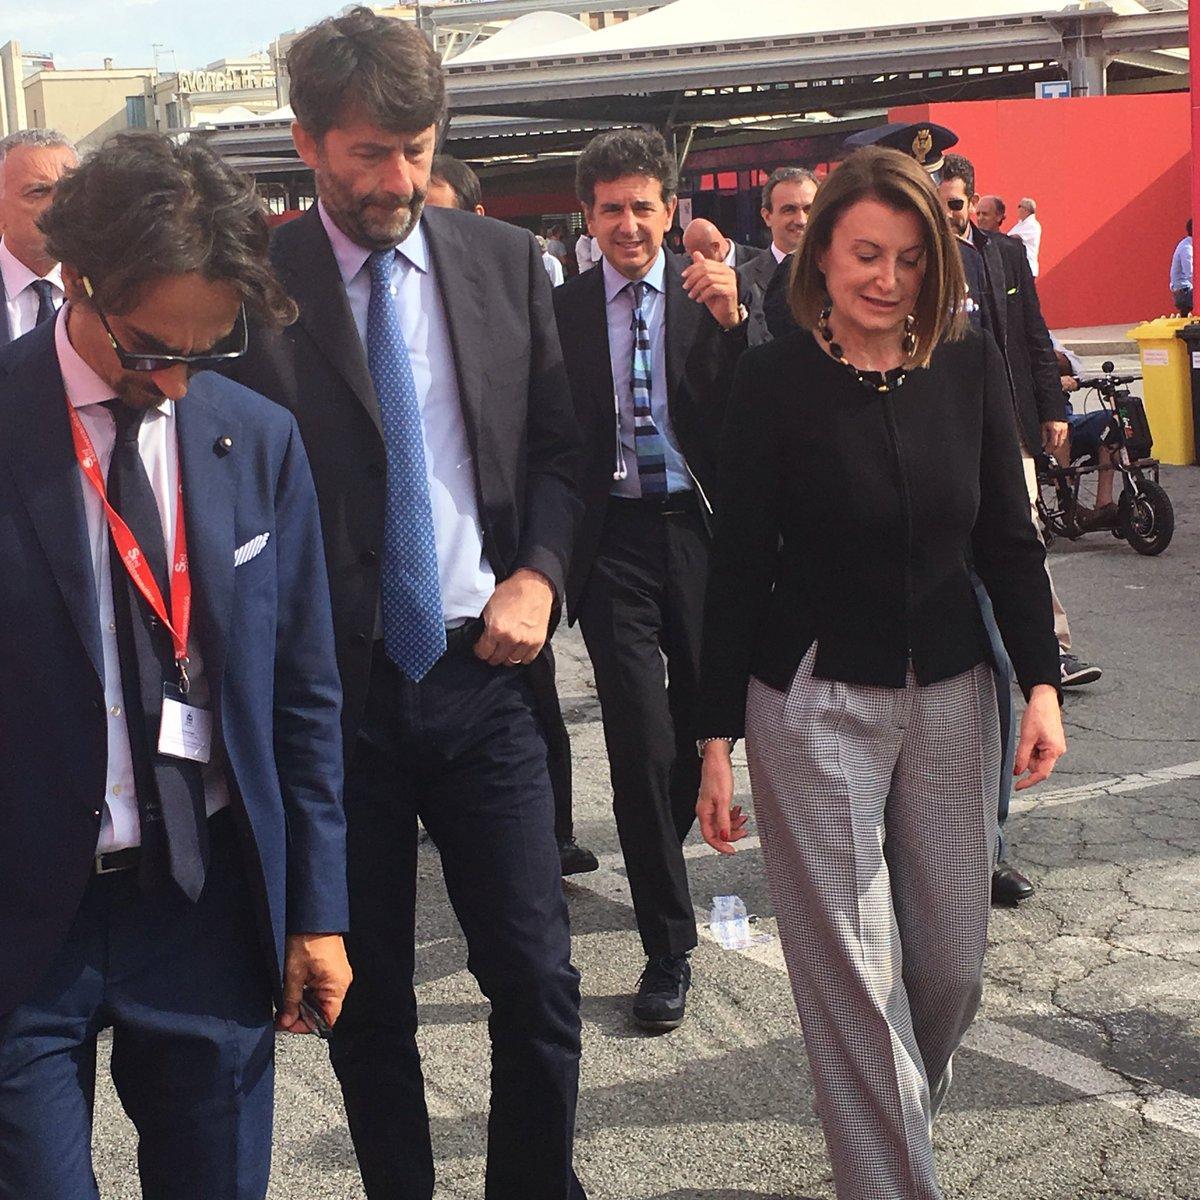 Il ministro Franceschini visita il Salone Nautico 2016